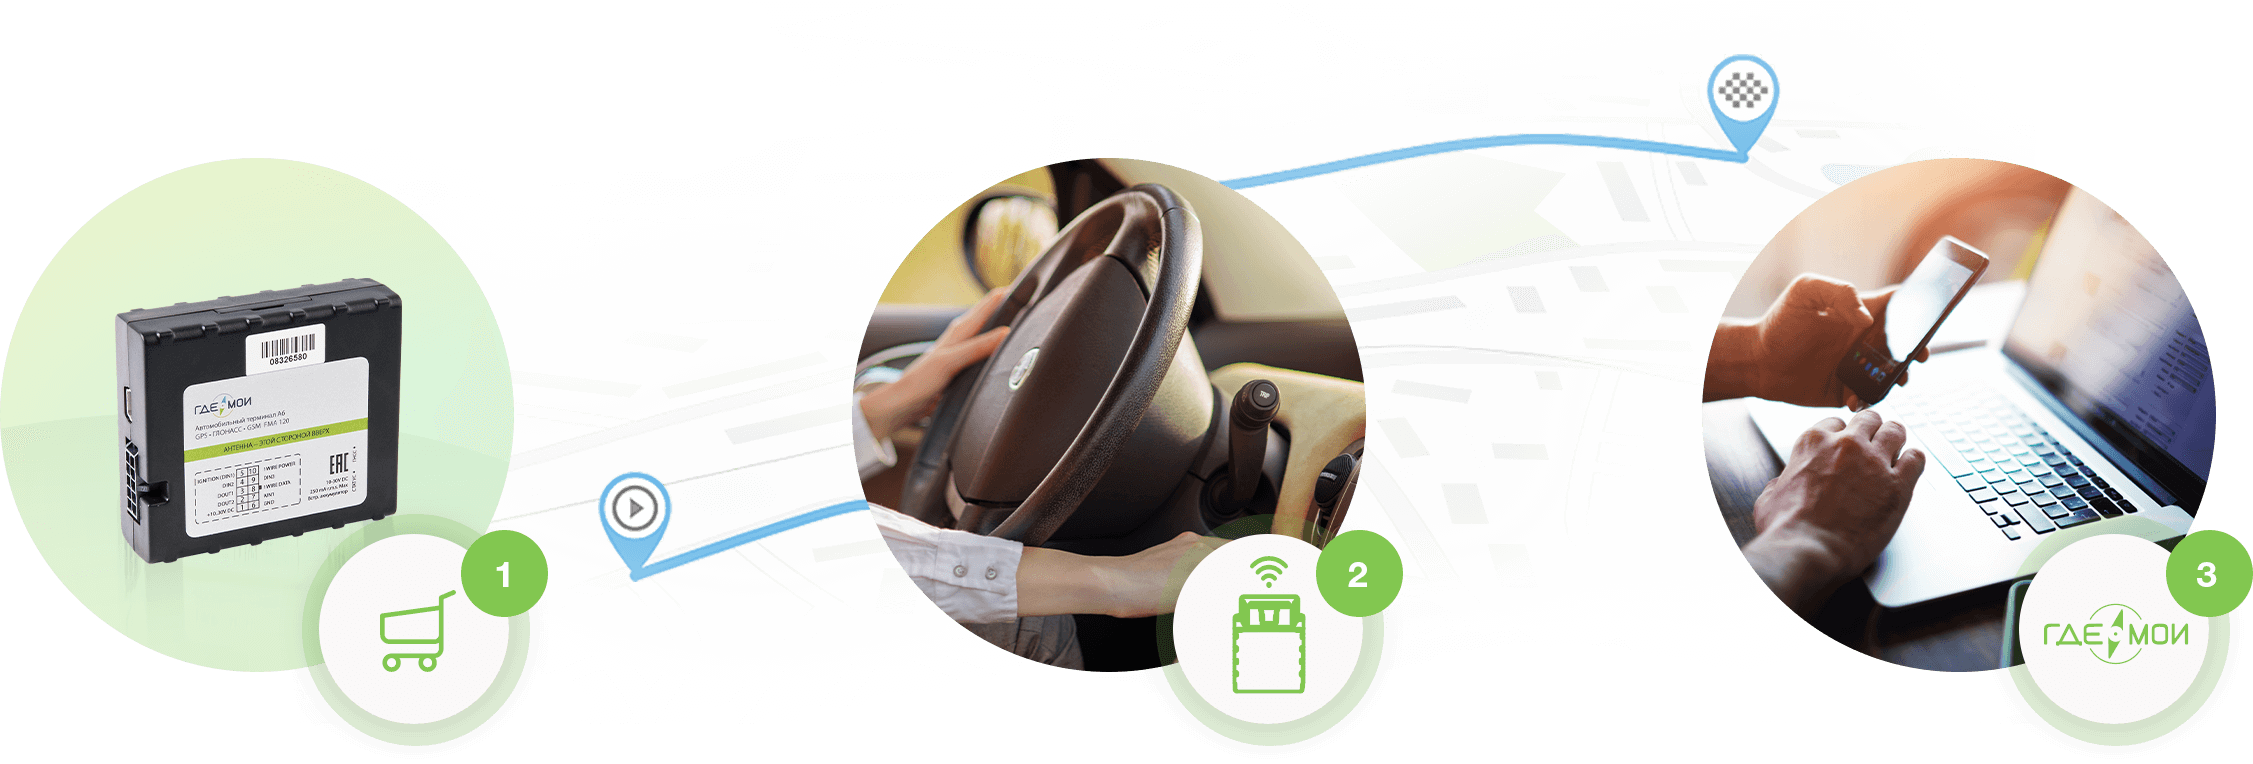 Как реализуется GPS-слежение за авто?